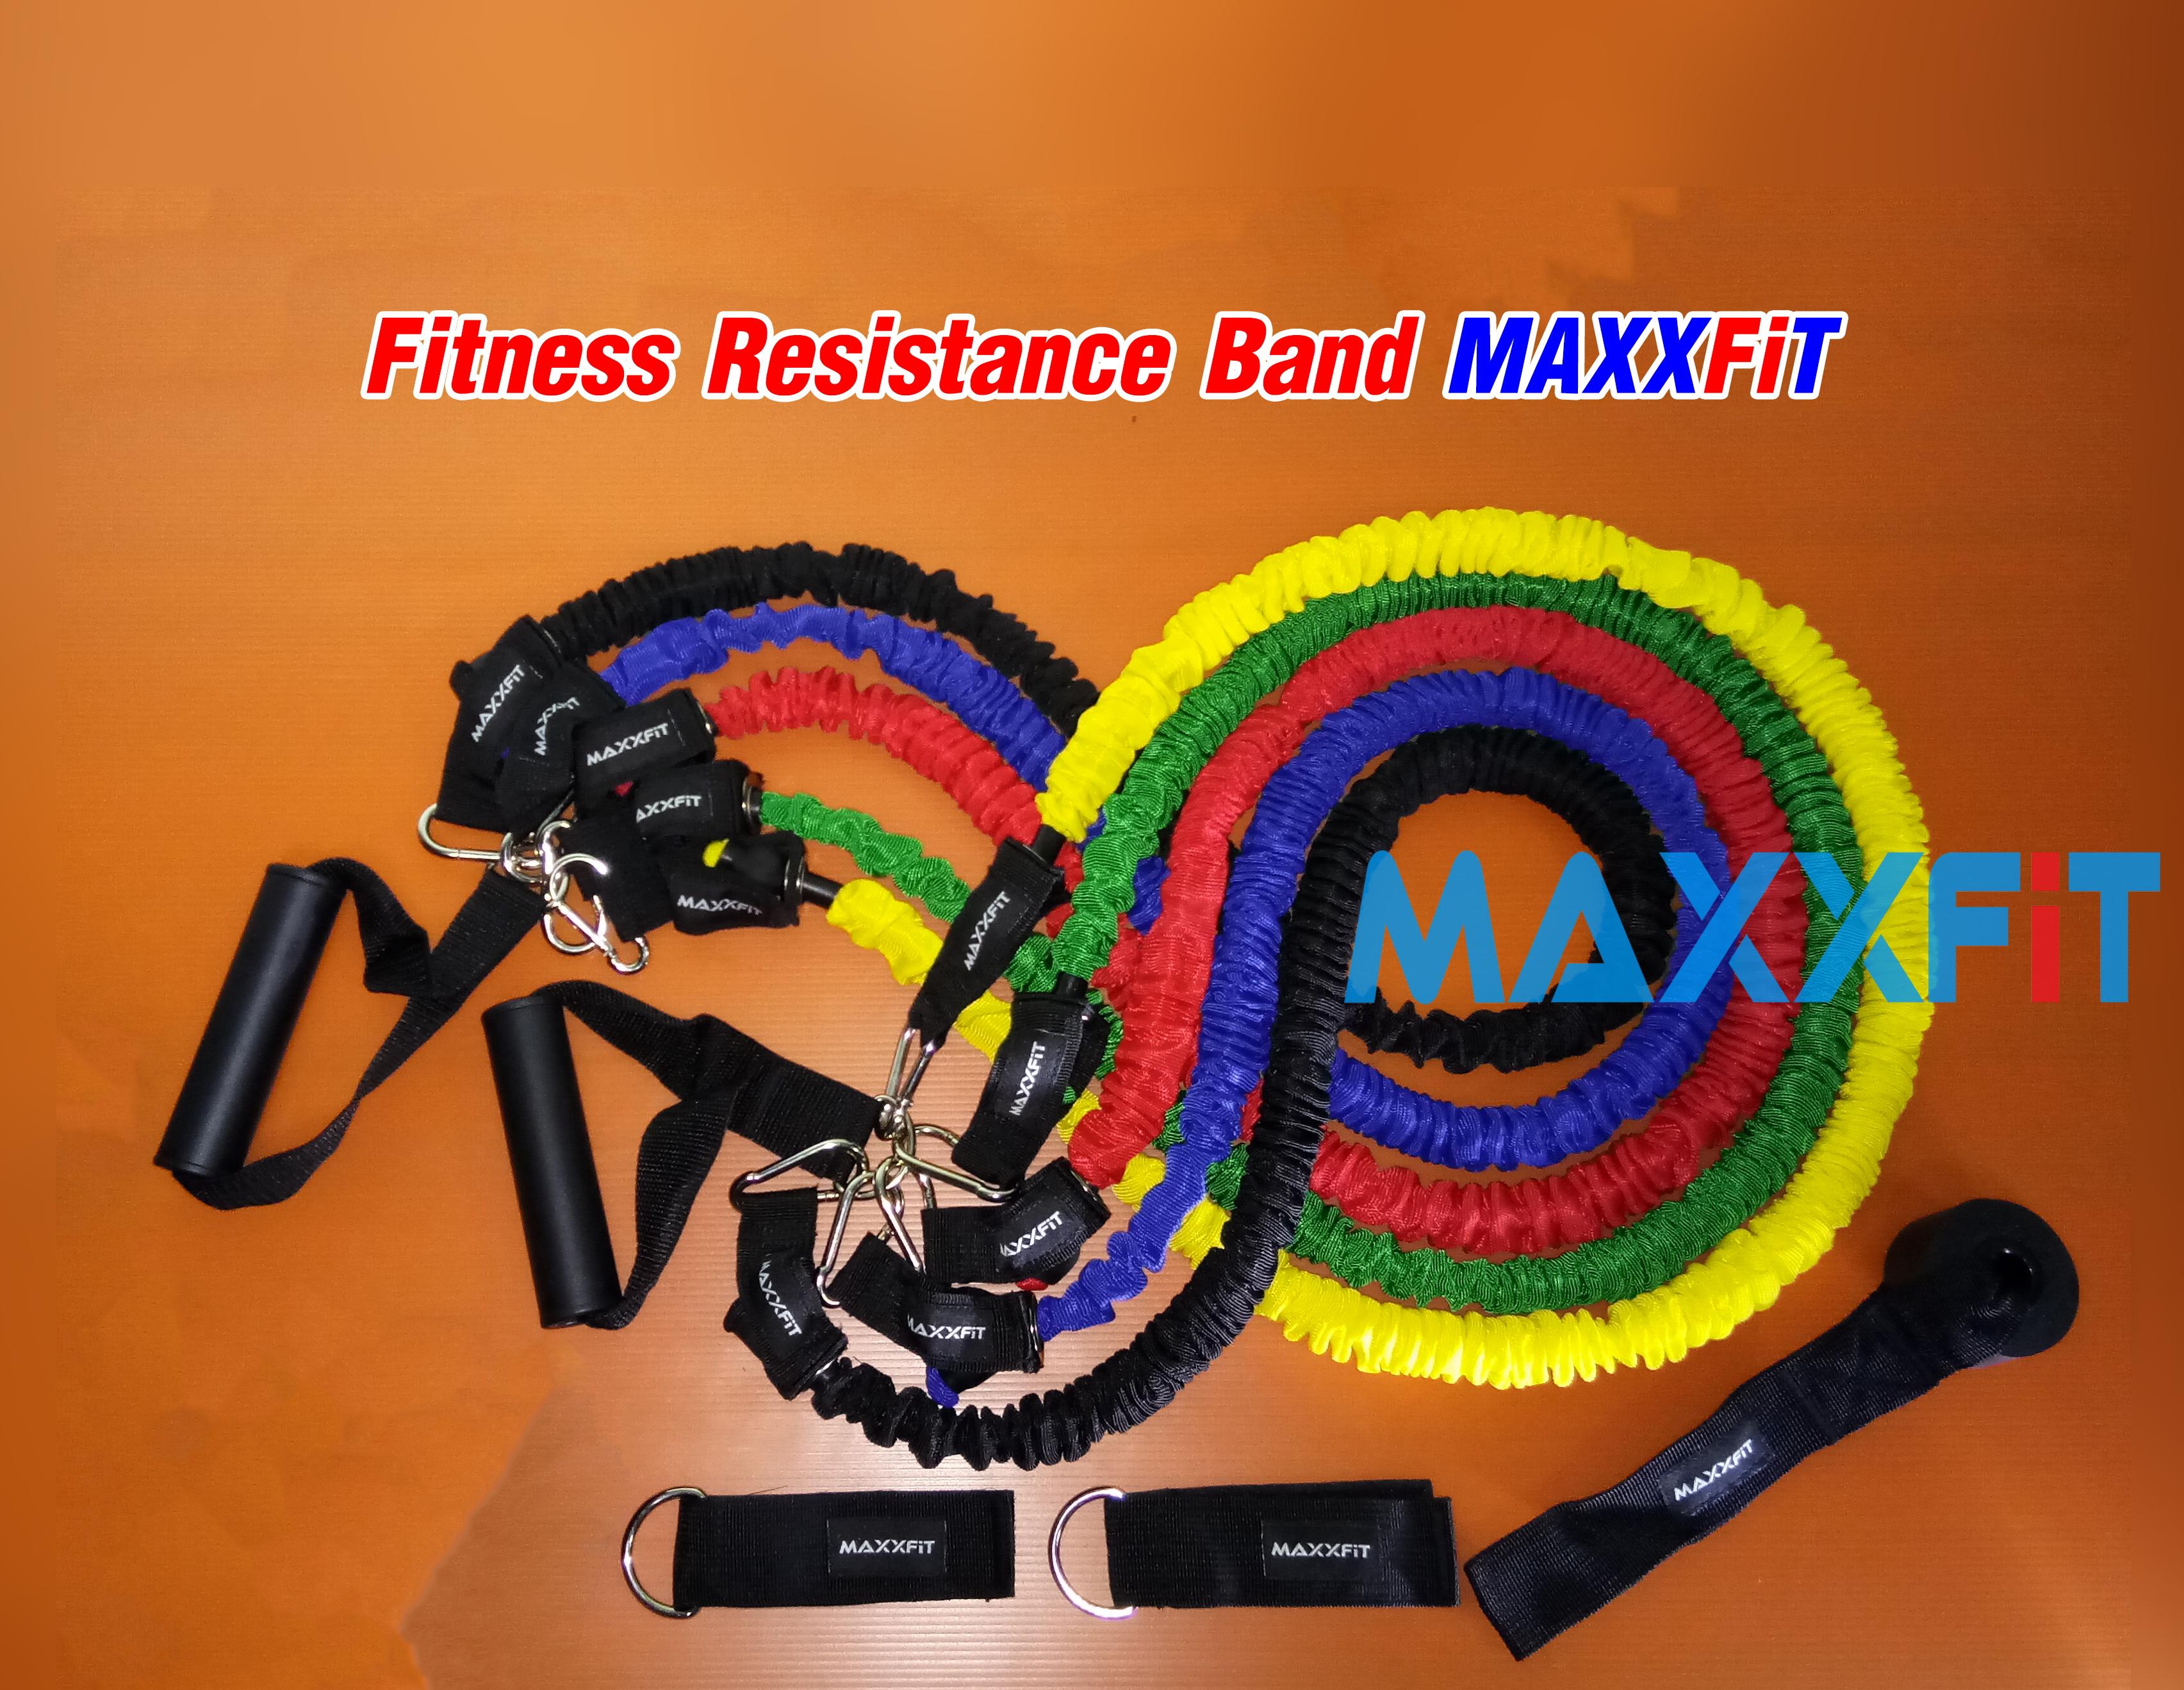 ขาย Fitness Resistance Band MAXXFiT ขายยางยืดออกกำลังกาย